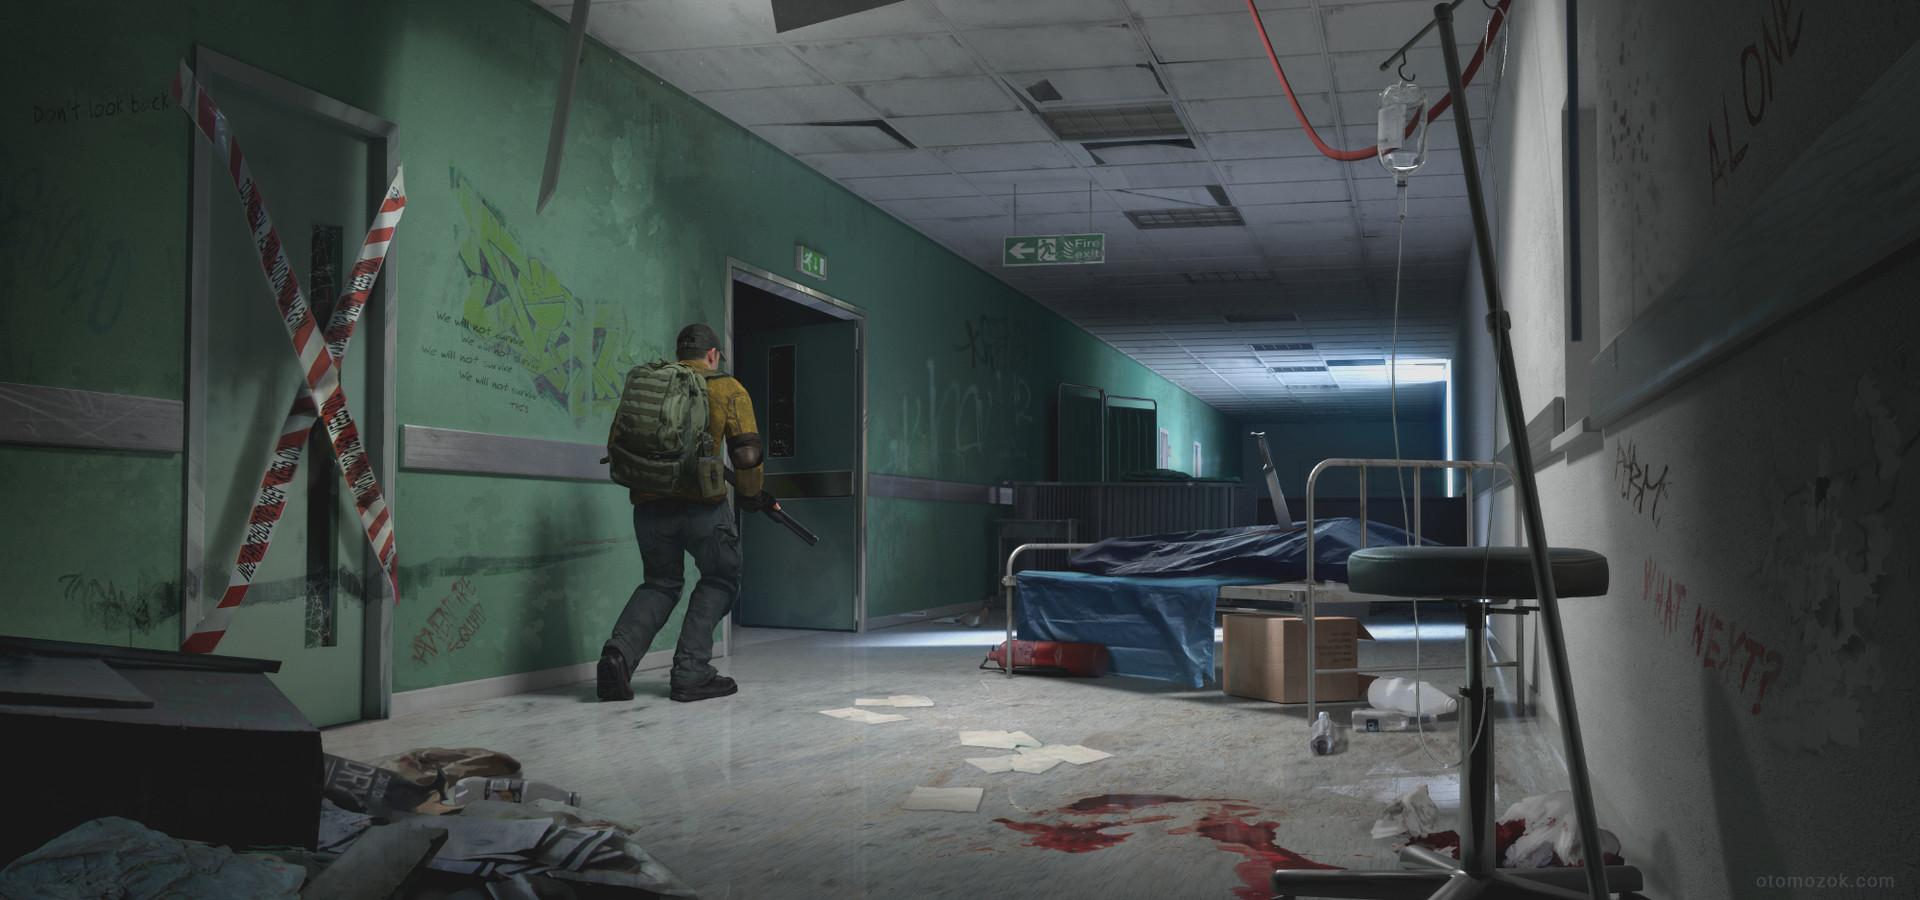 Arthur gurin hospital